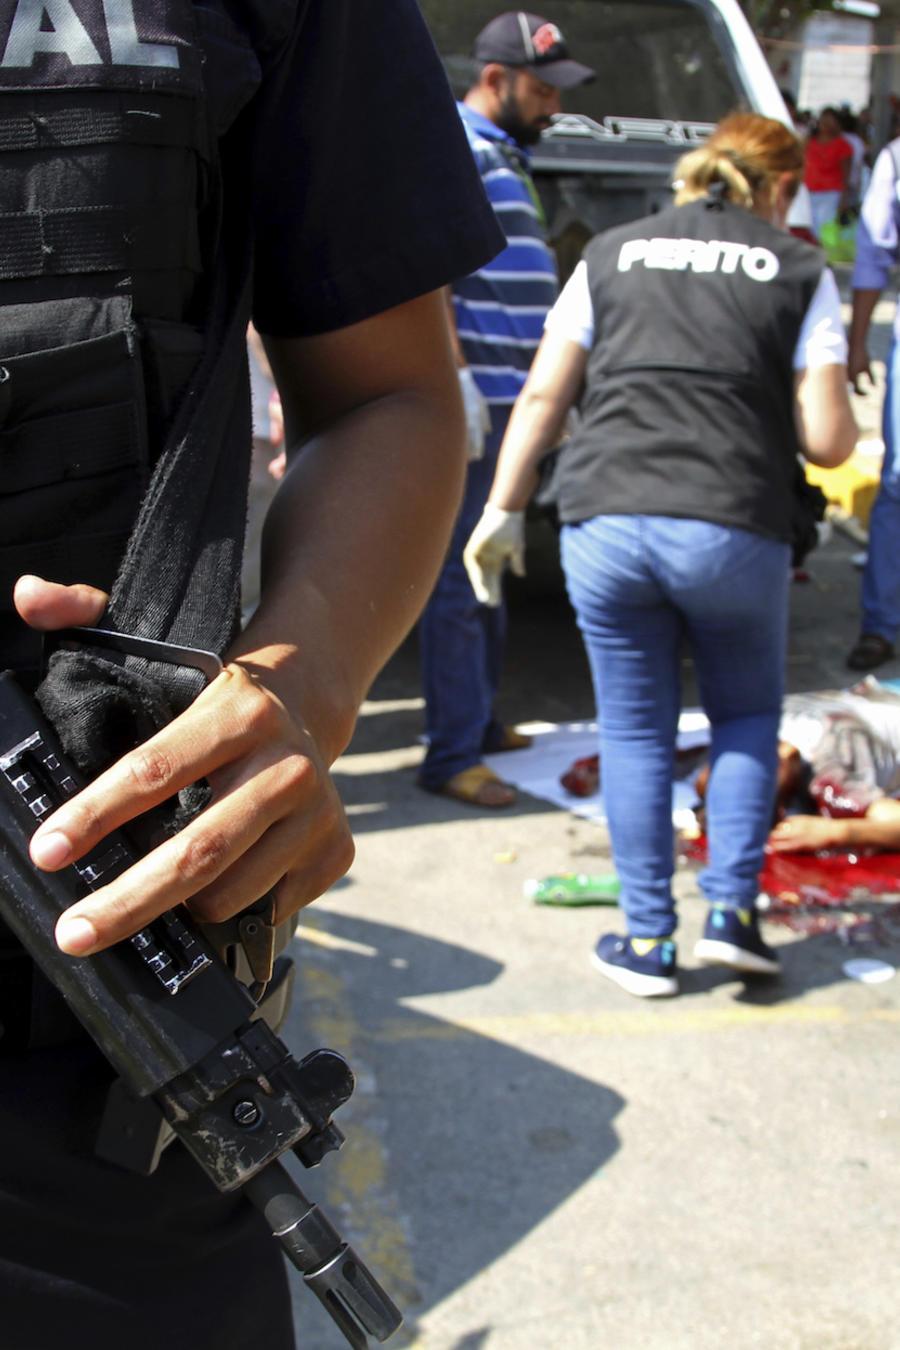 Una asesinato en Acapulco, Guerrero, listada como la tercera ciudad más violenta del mundo, el 4 de enero de 2017.